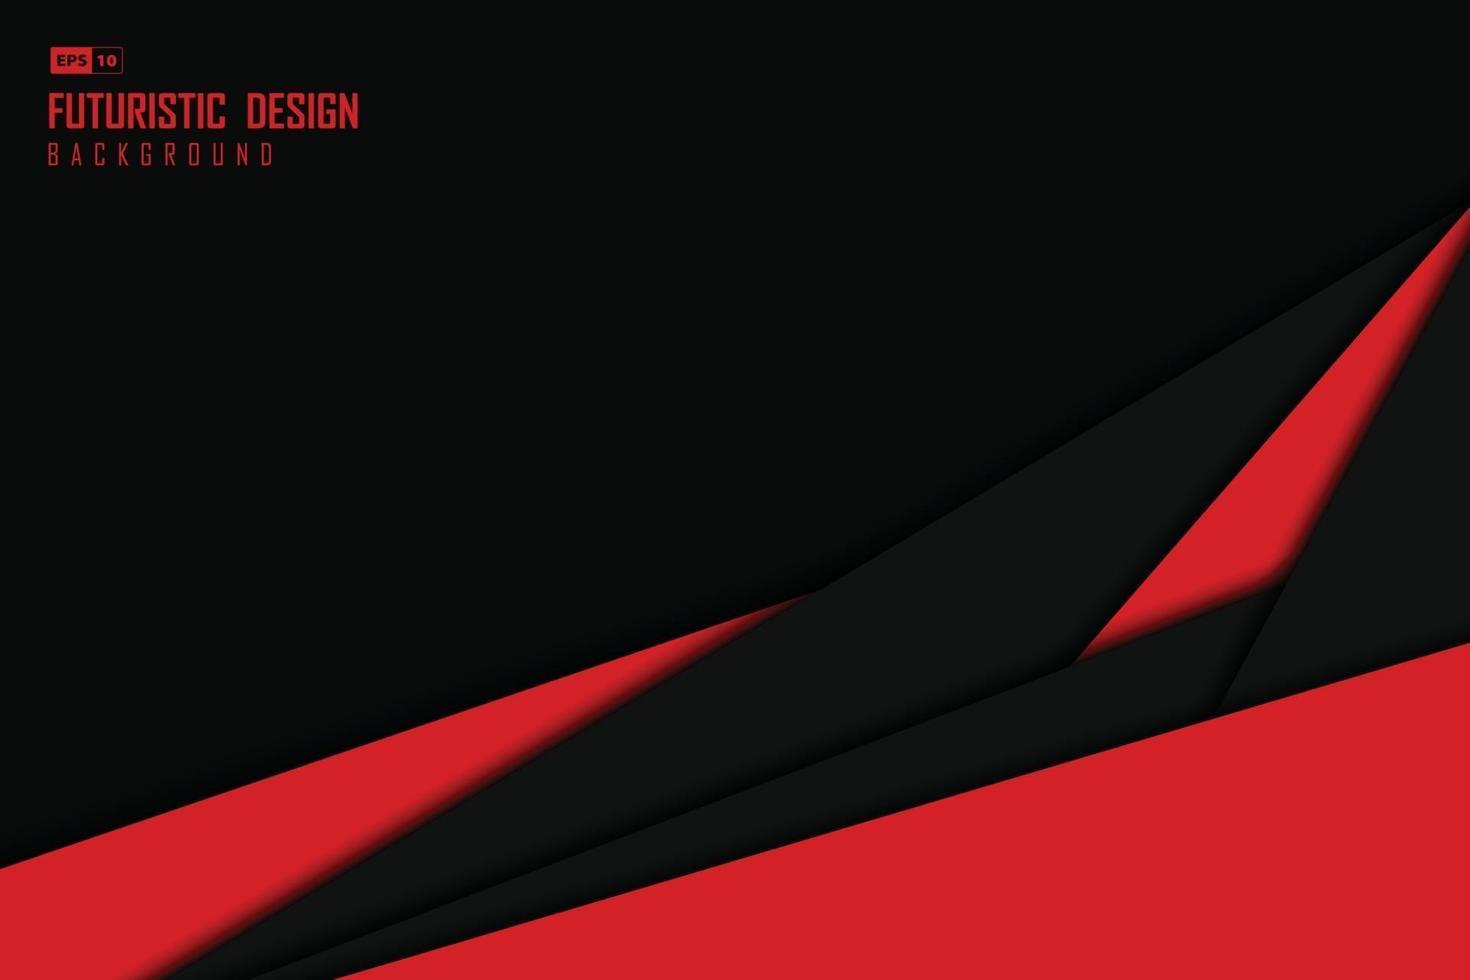 abstrakt svart och röd teknik mall design konstverk bakgrund. illustration vektor eps10